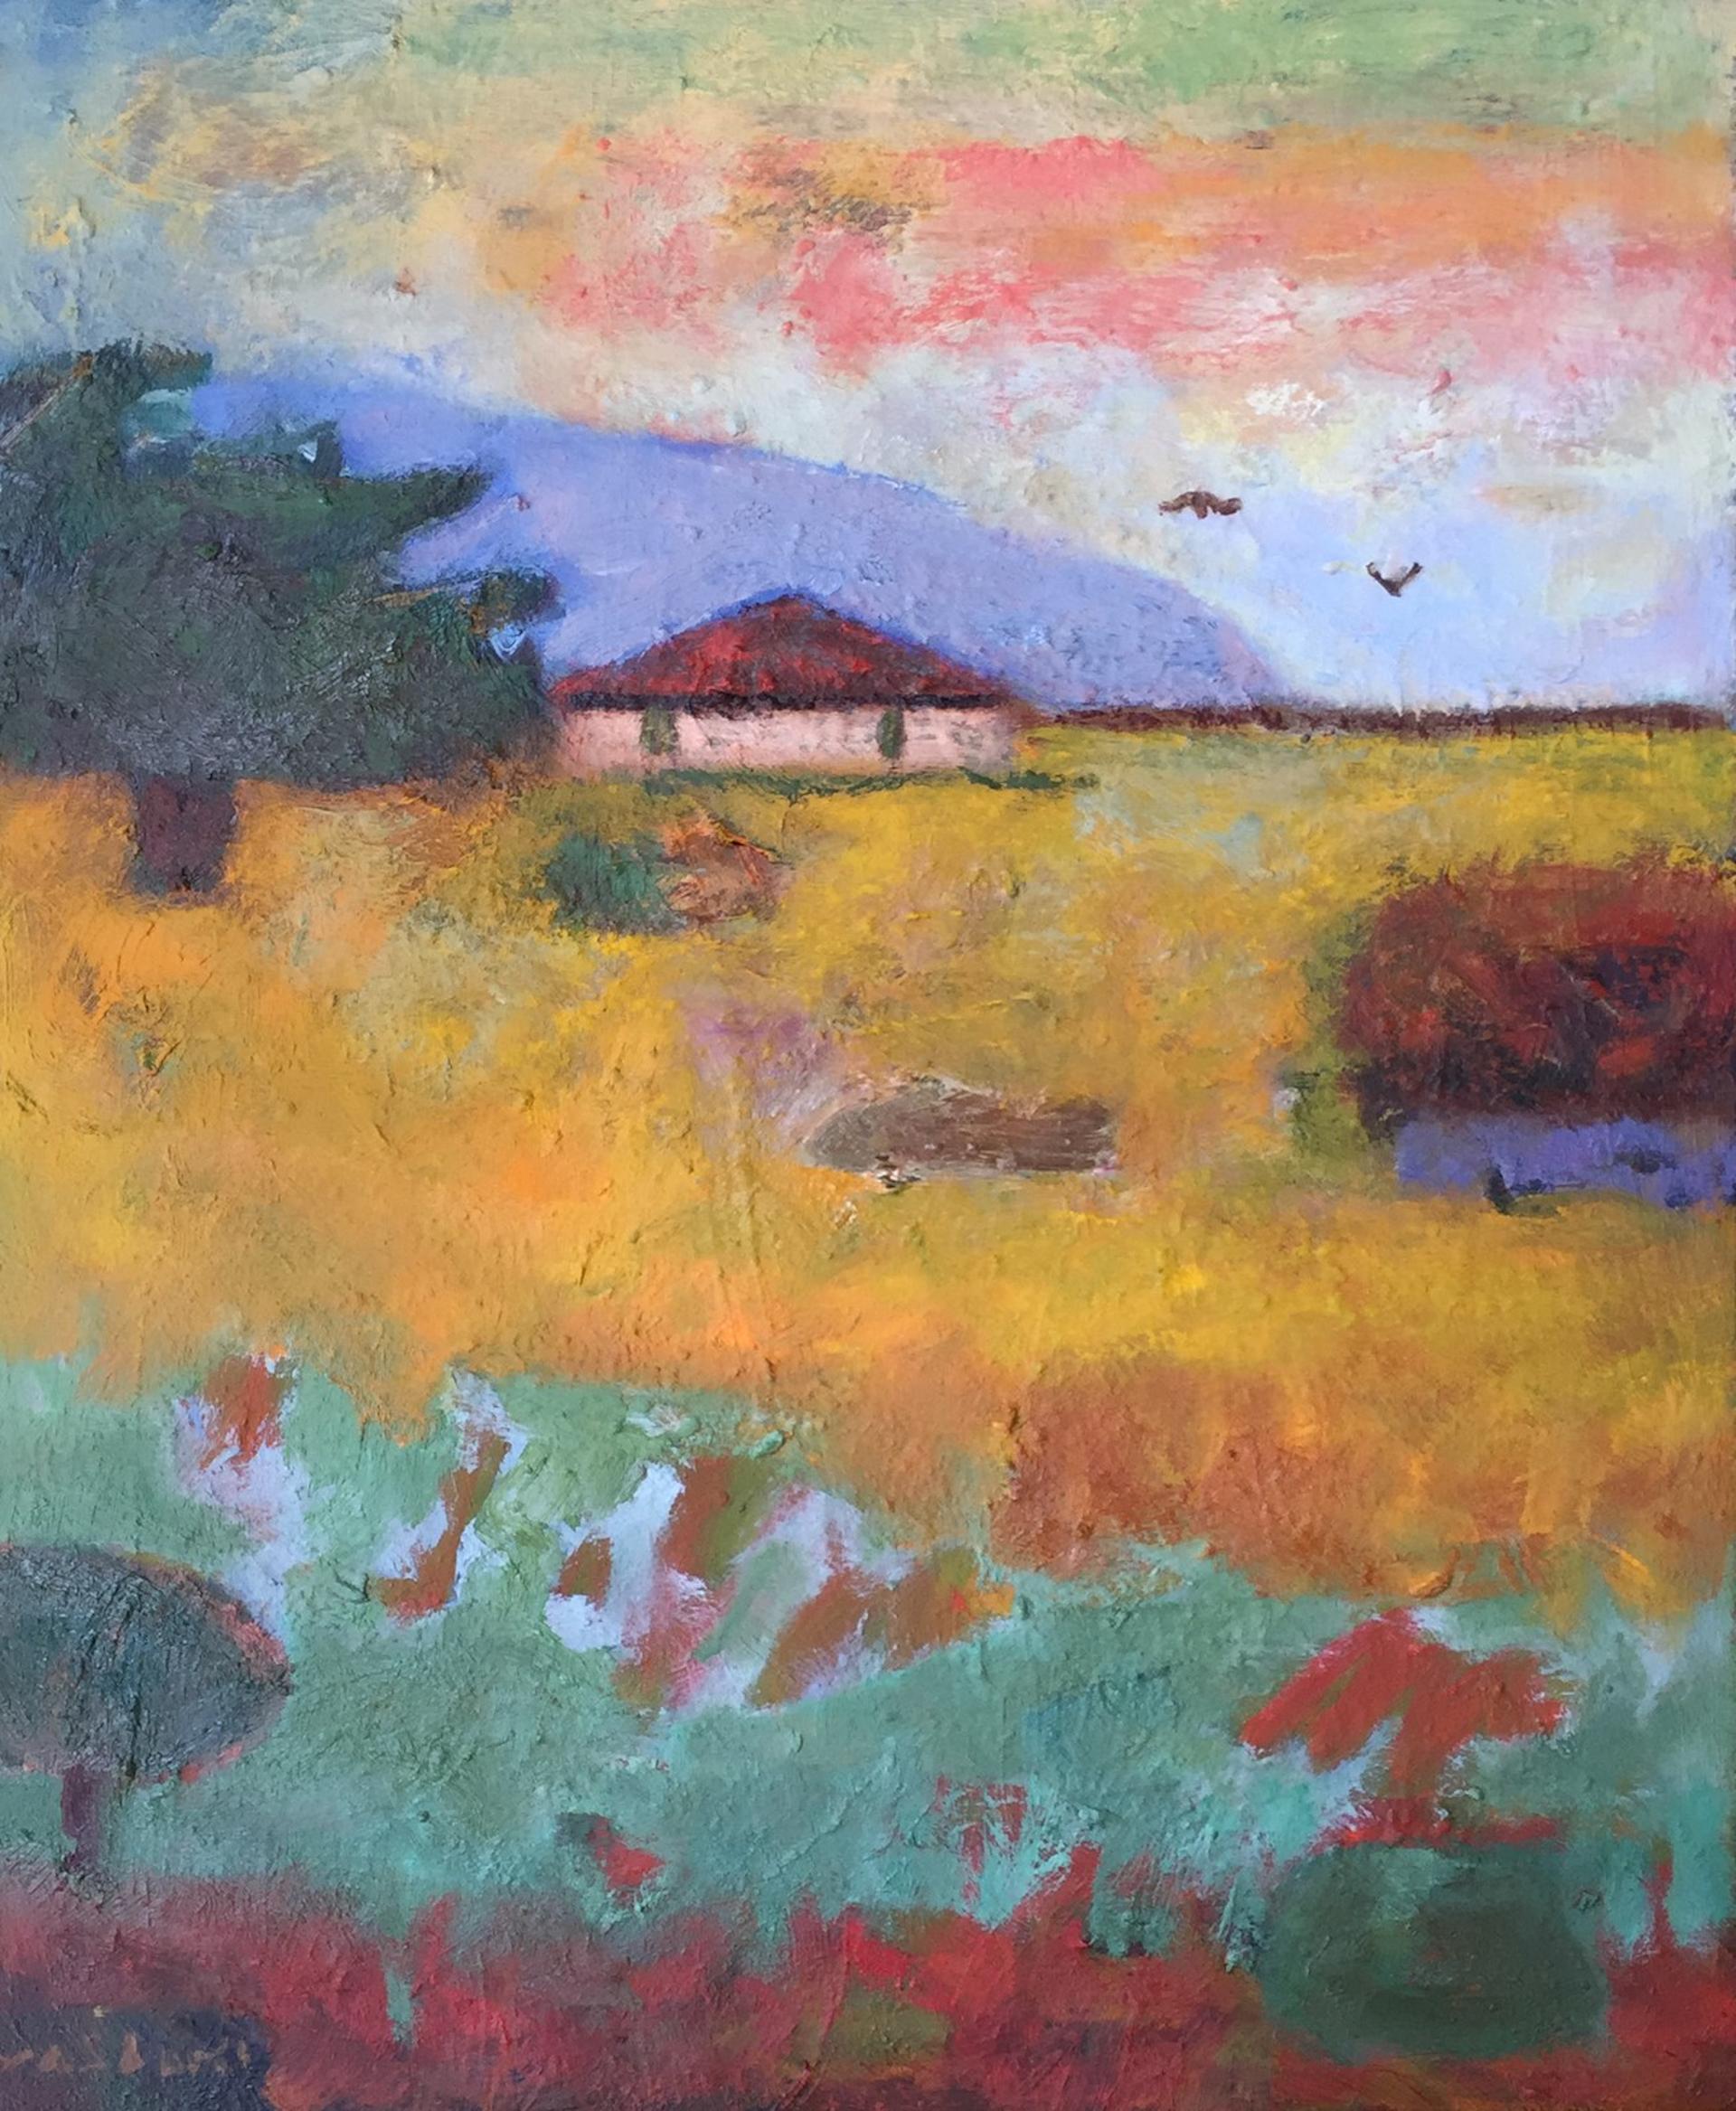 July Land by Yasharel Manzy